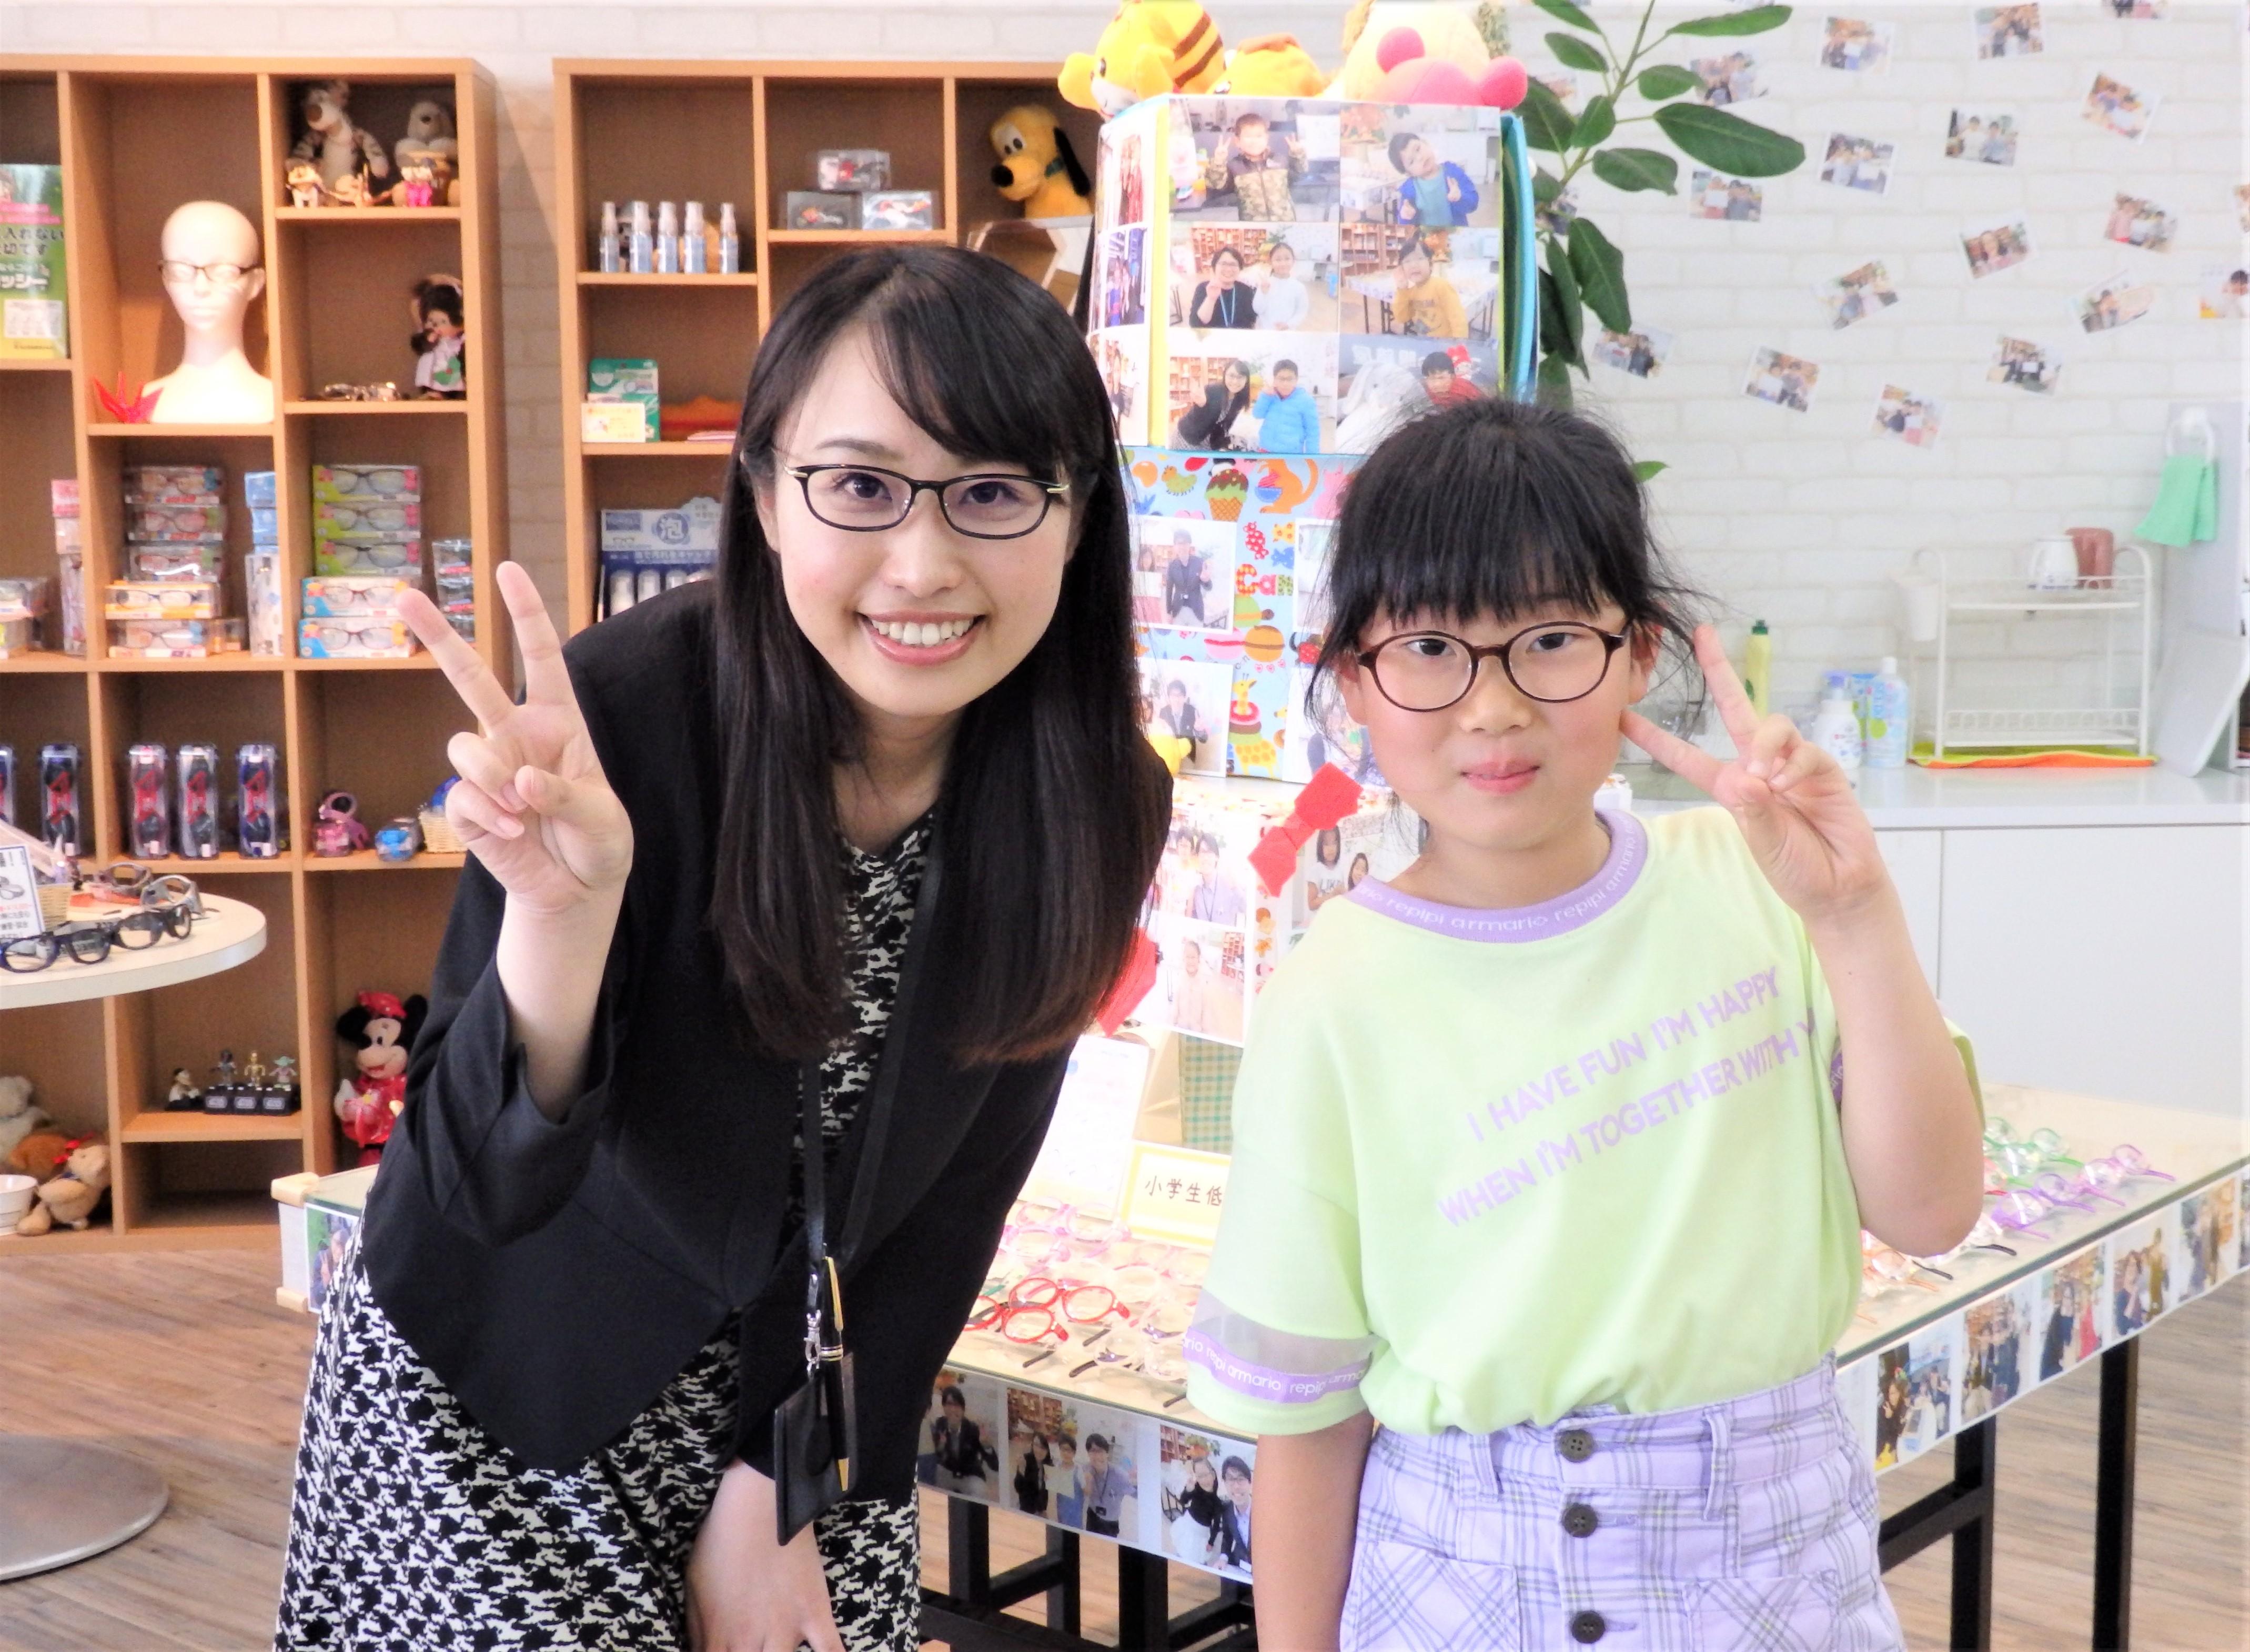 弱視治療用眼鏡 子供メガネ 子供眼鏡 こどもメガネ 東京都 江戸川区